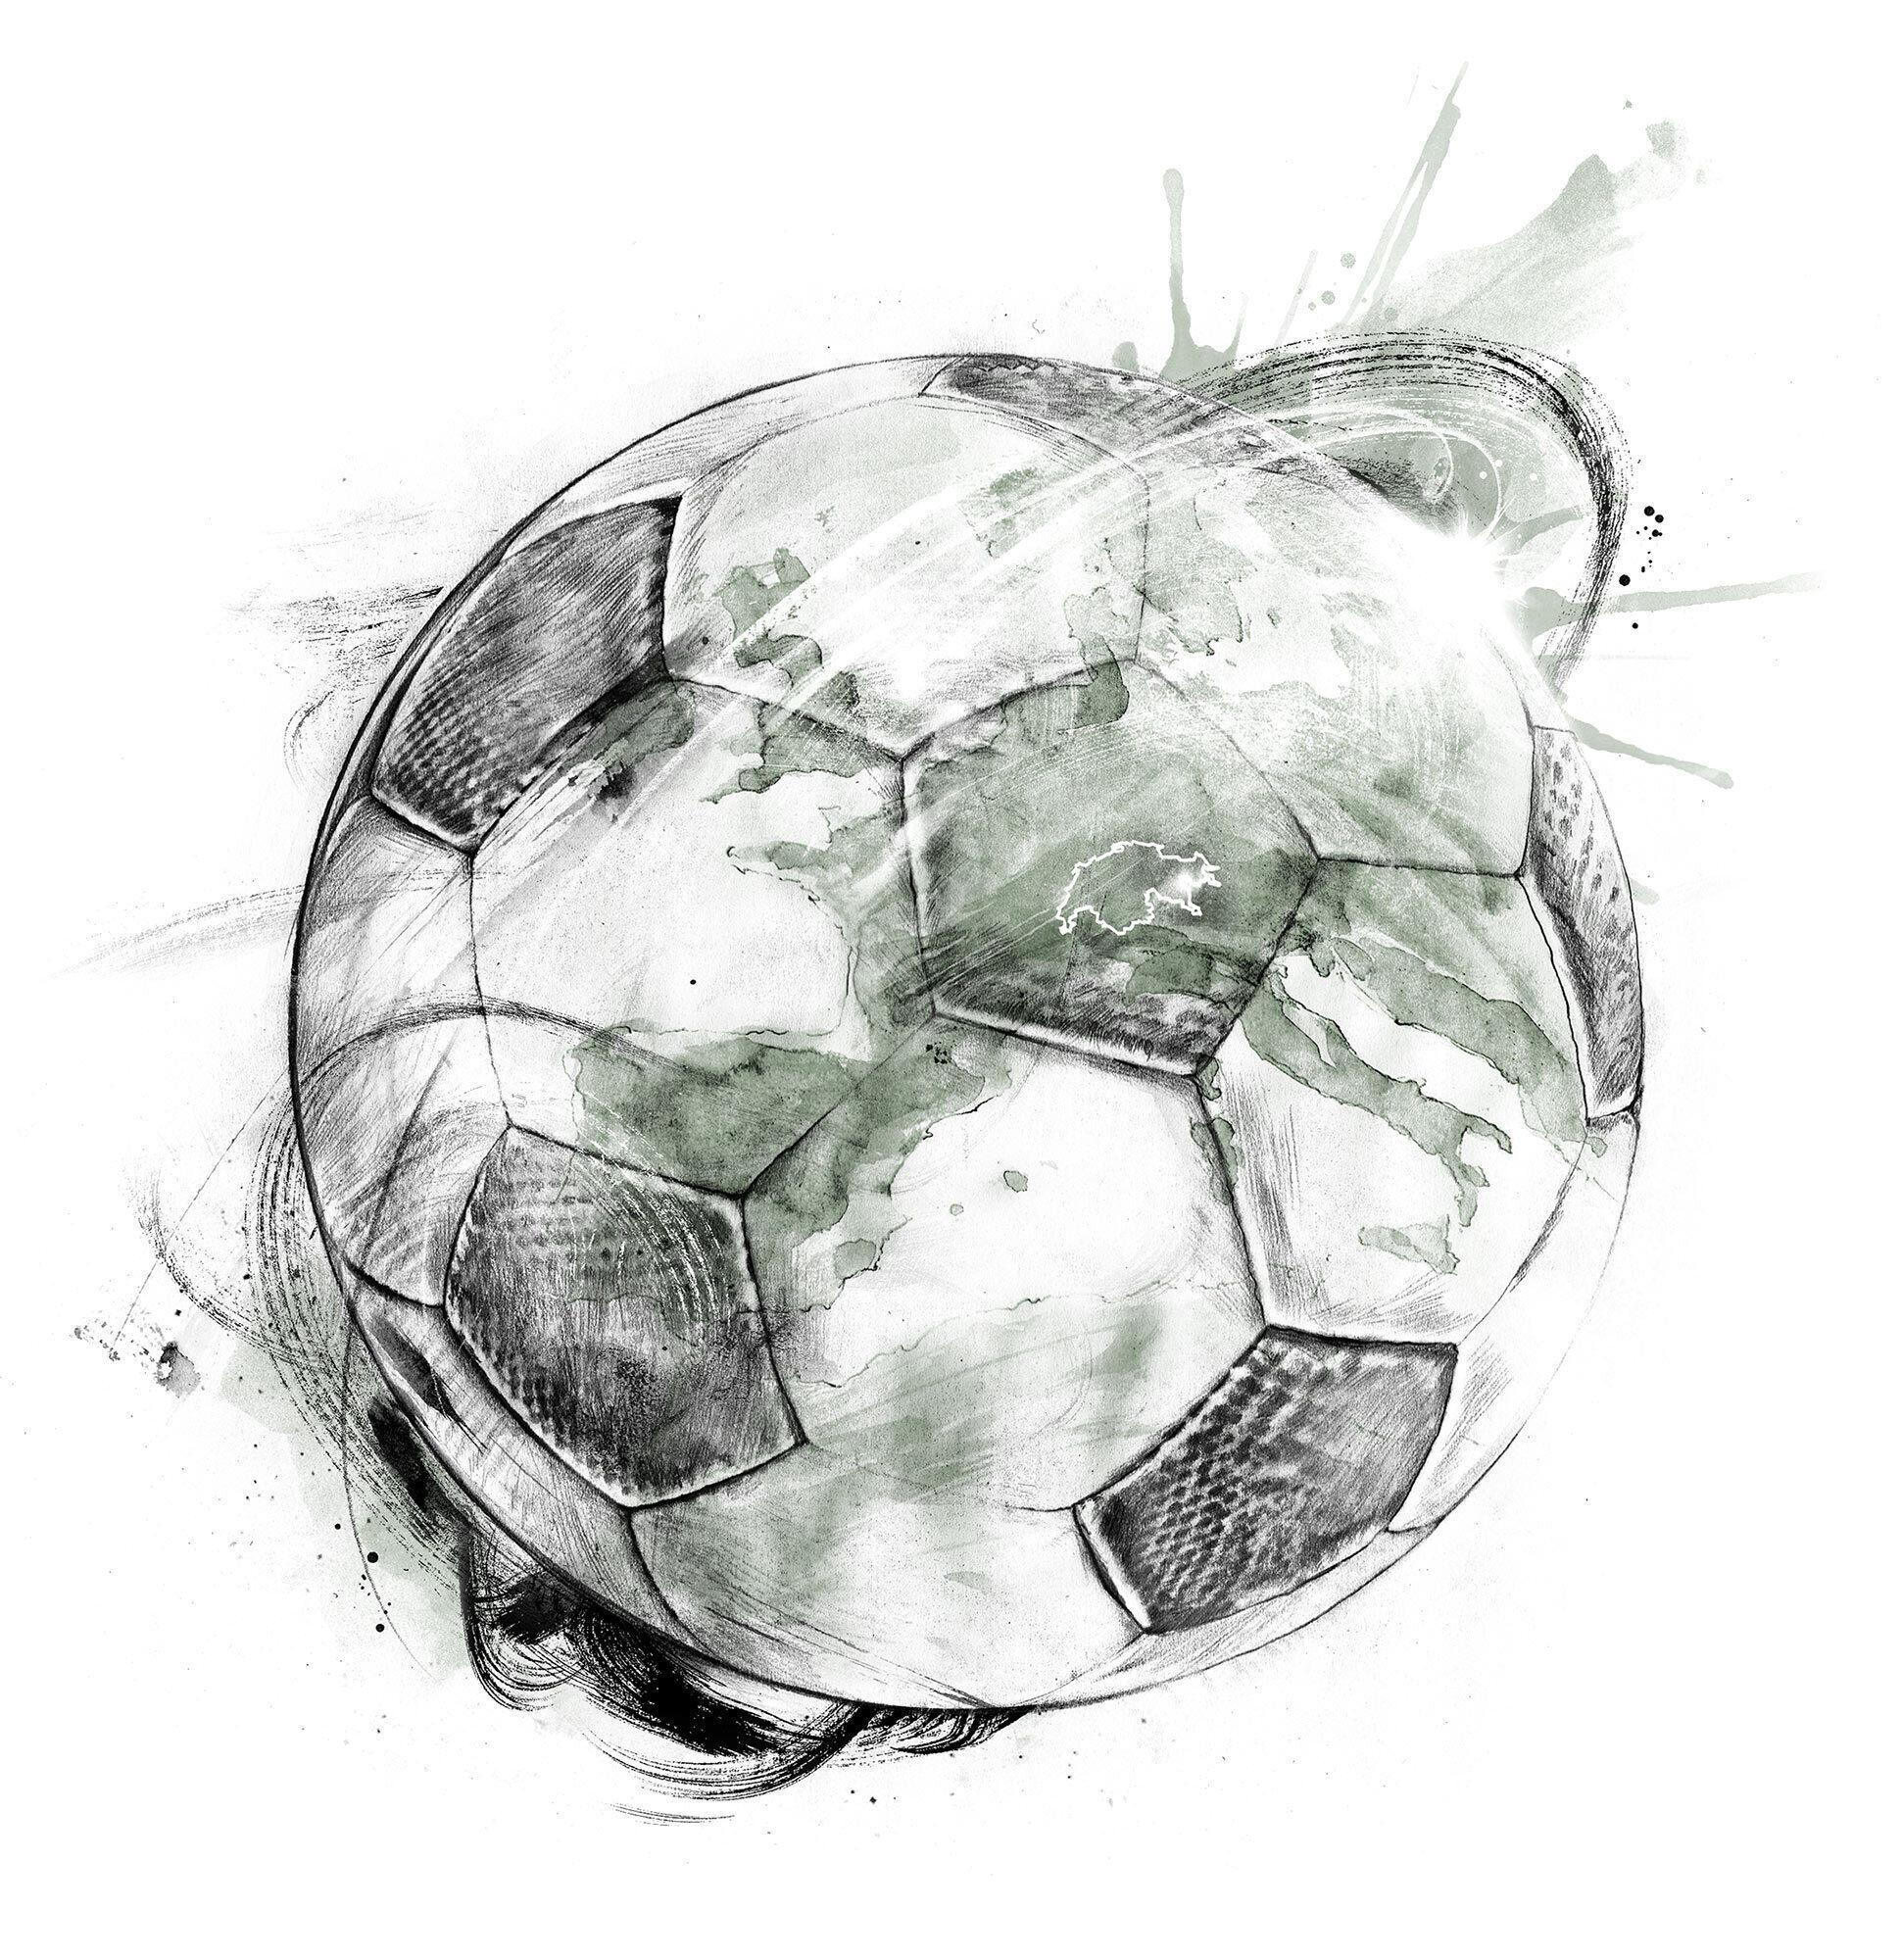 Fussball europa schweiz sfl artwprk cover - Kornel Illustration | Kornel Stadler portfolio